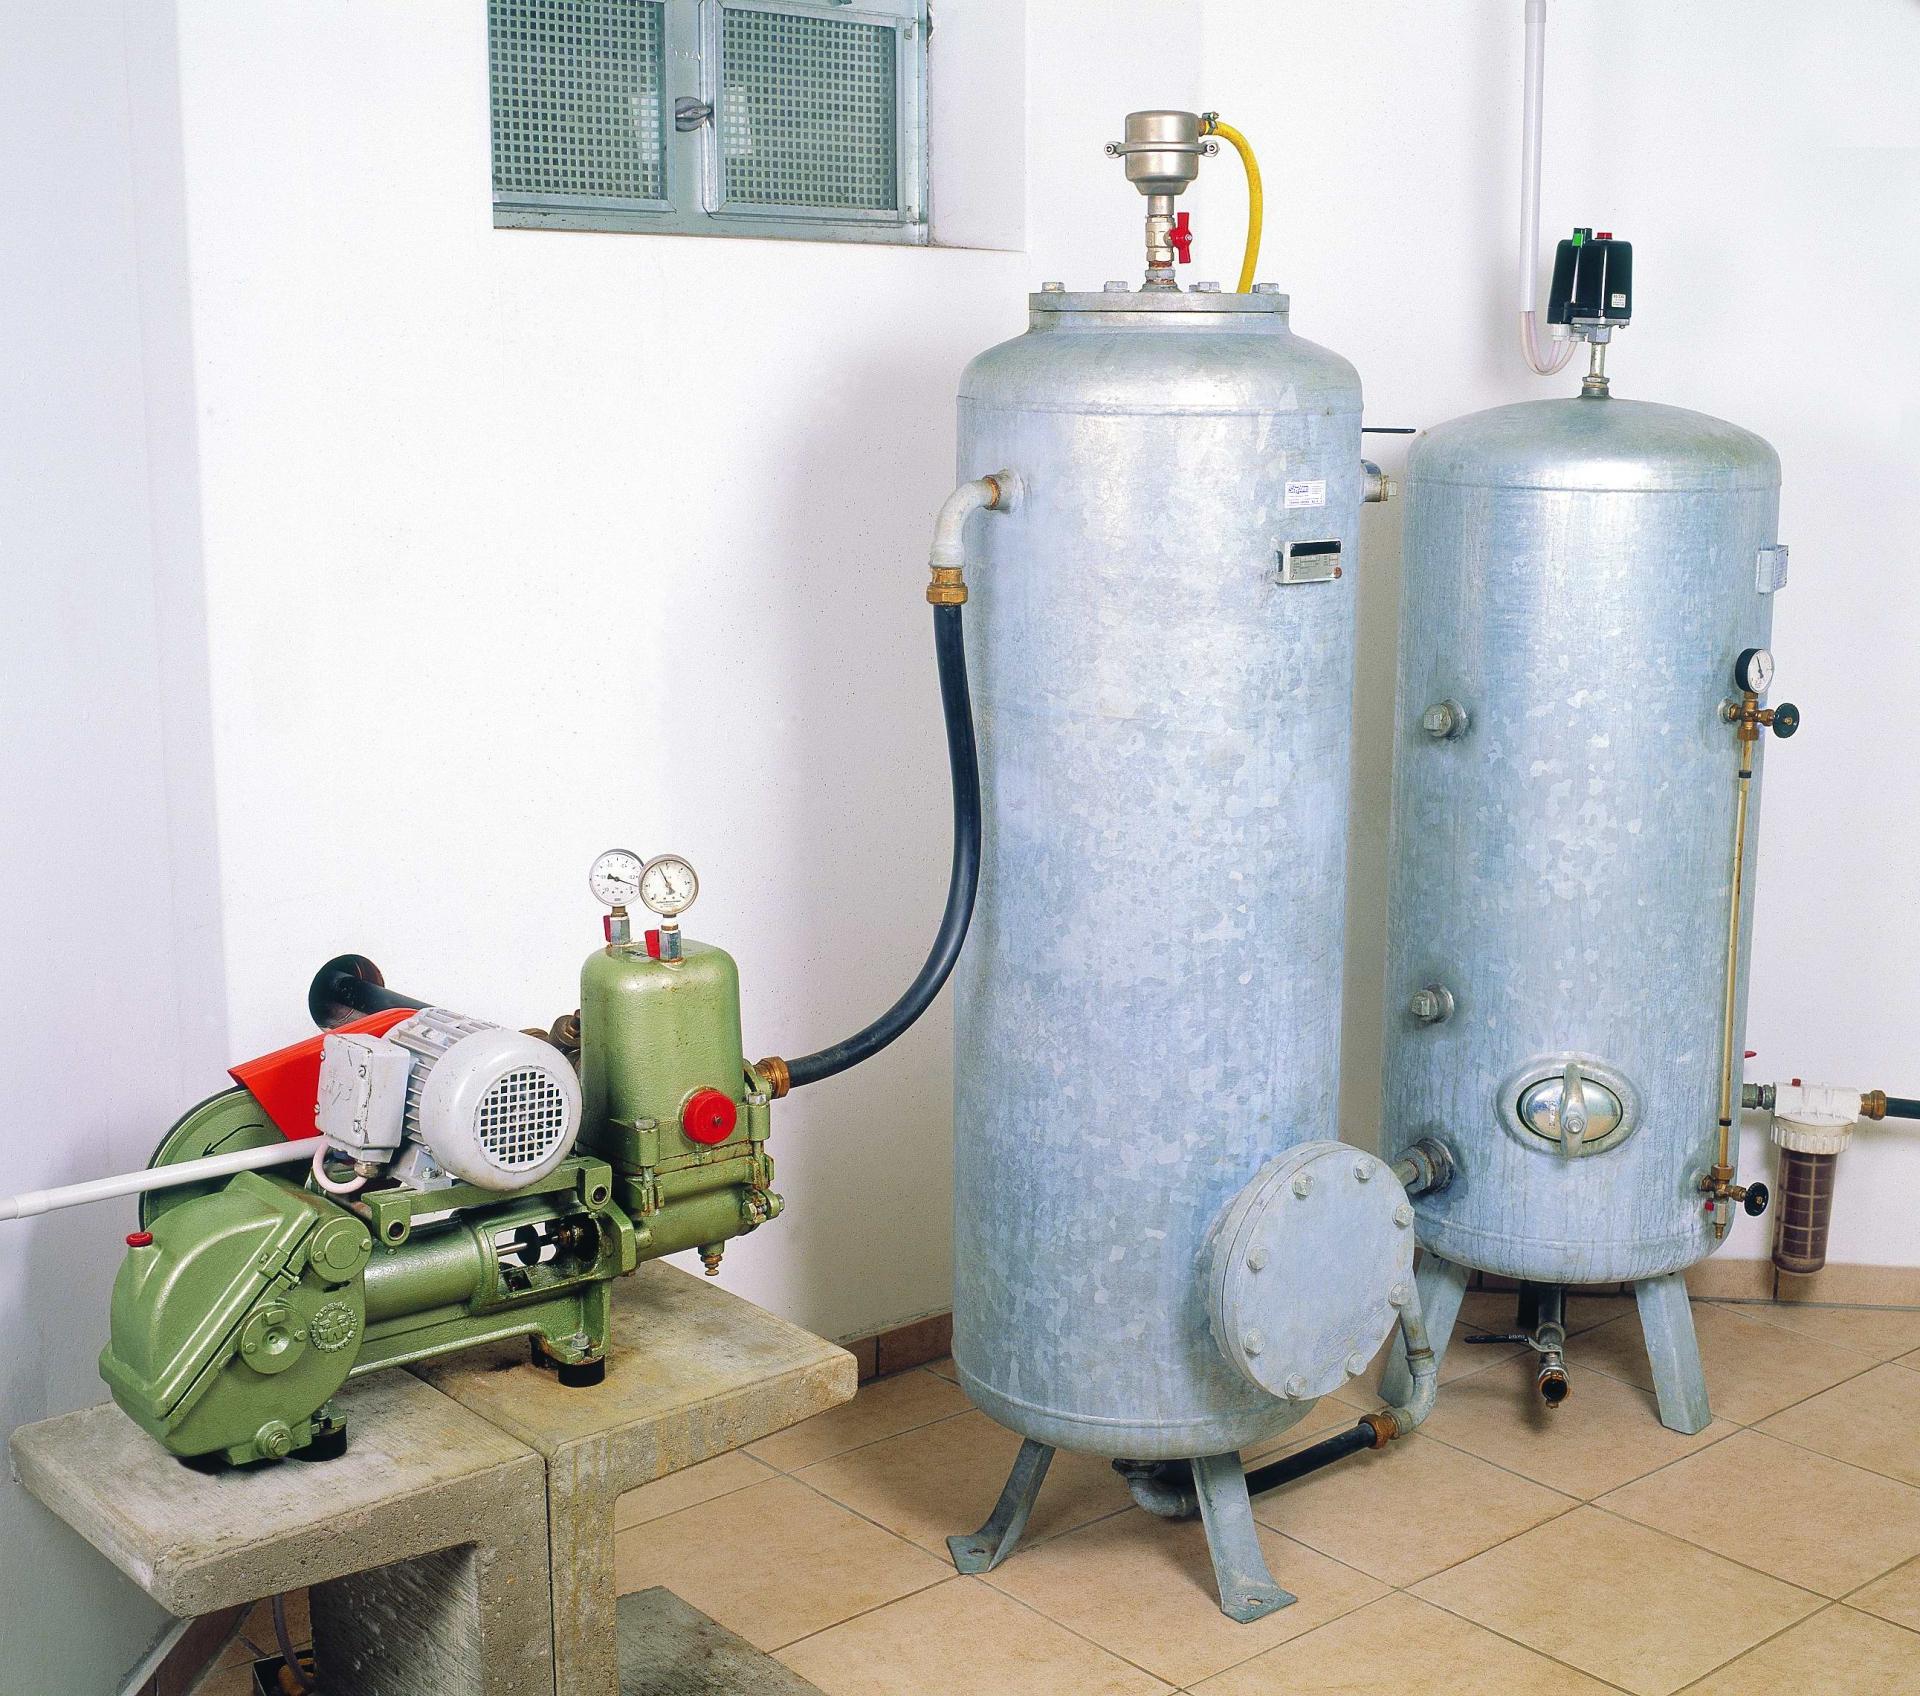 filteranlagen zur enteisenung, entmanganung, entsäuerung und